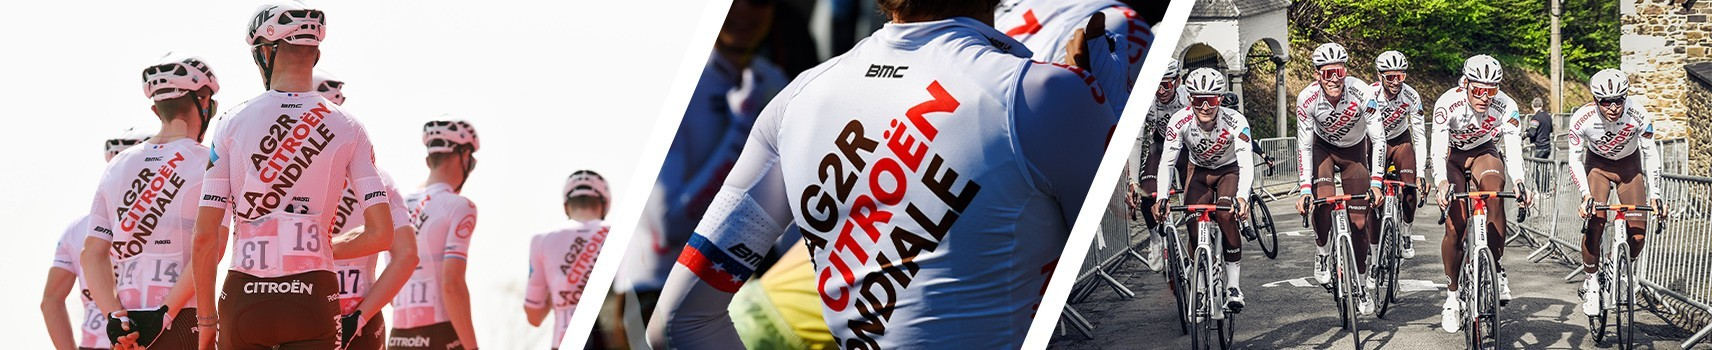 ROSTI - Tenue de l'équipe professionnelle AG2R La Mondiale